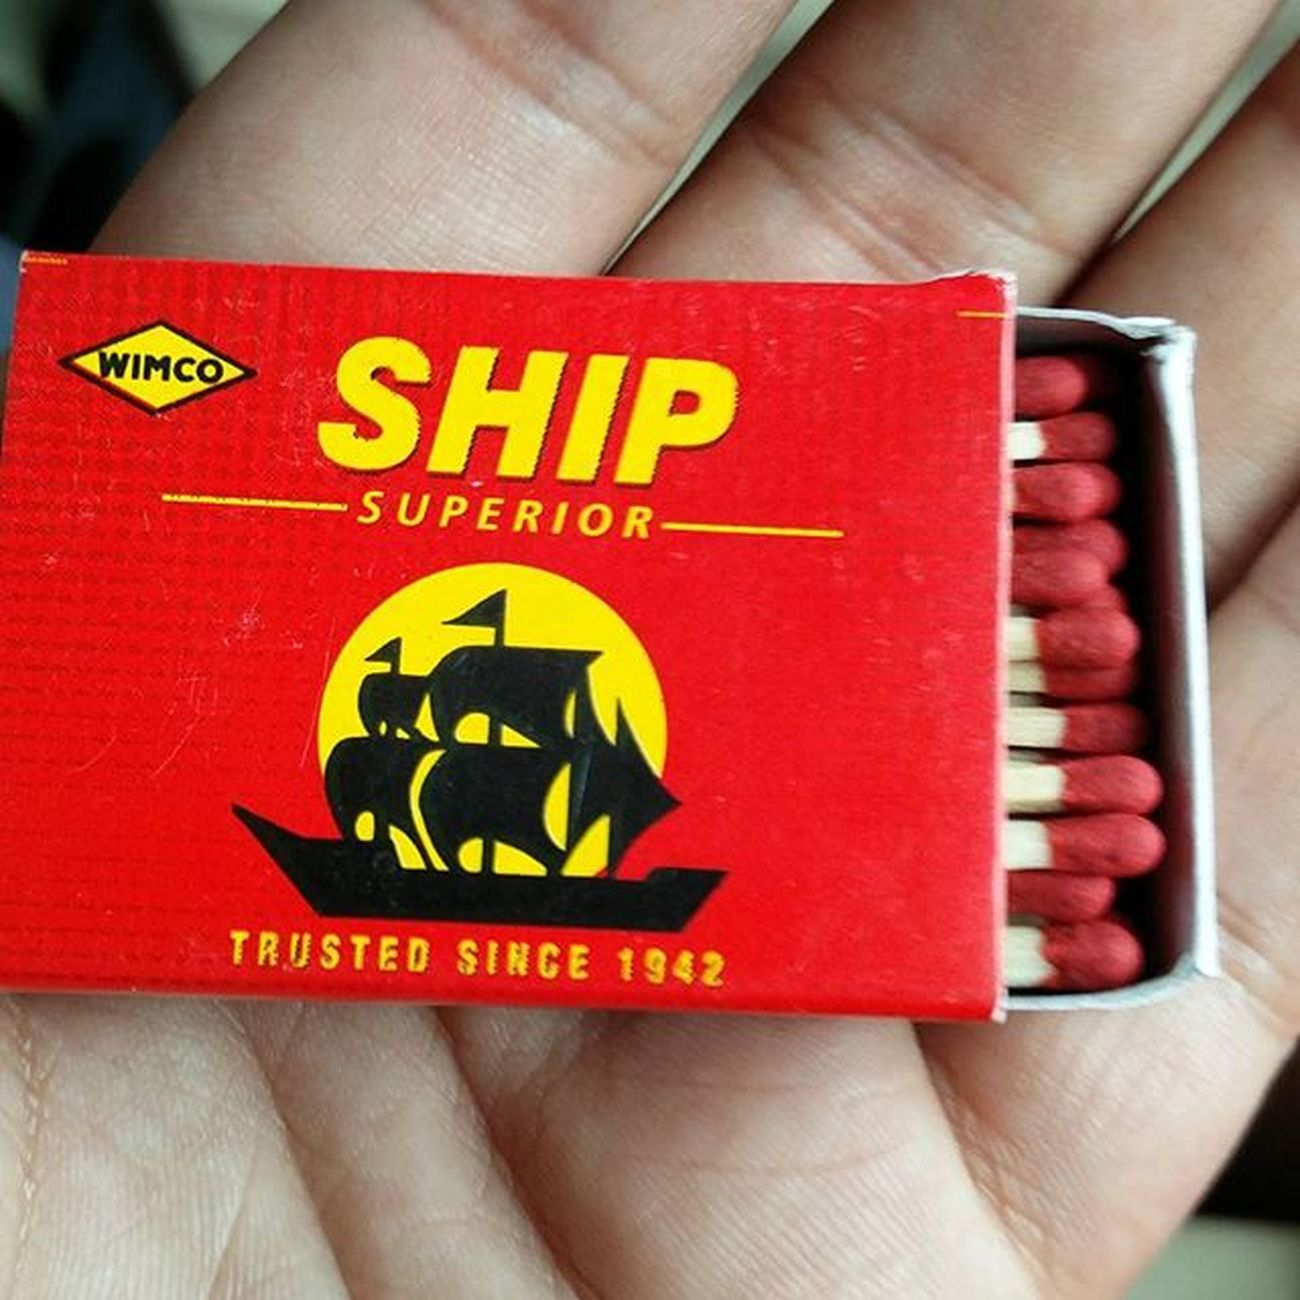 Ship superior matches Matches Ship Wimco Instabengaluru Bengaluru Bangalore Instabangalore Instaindia